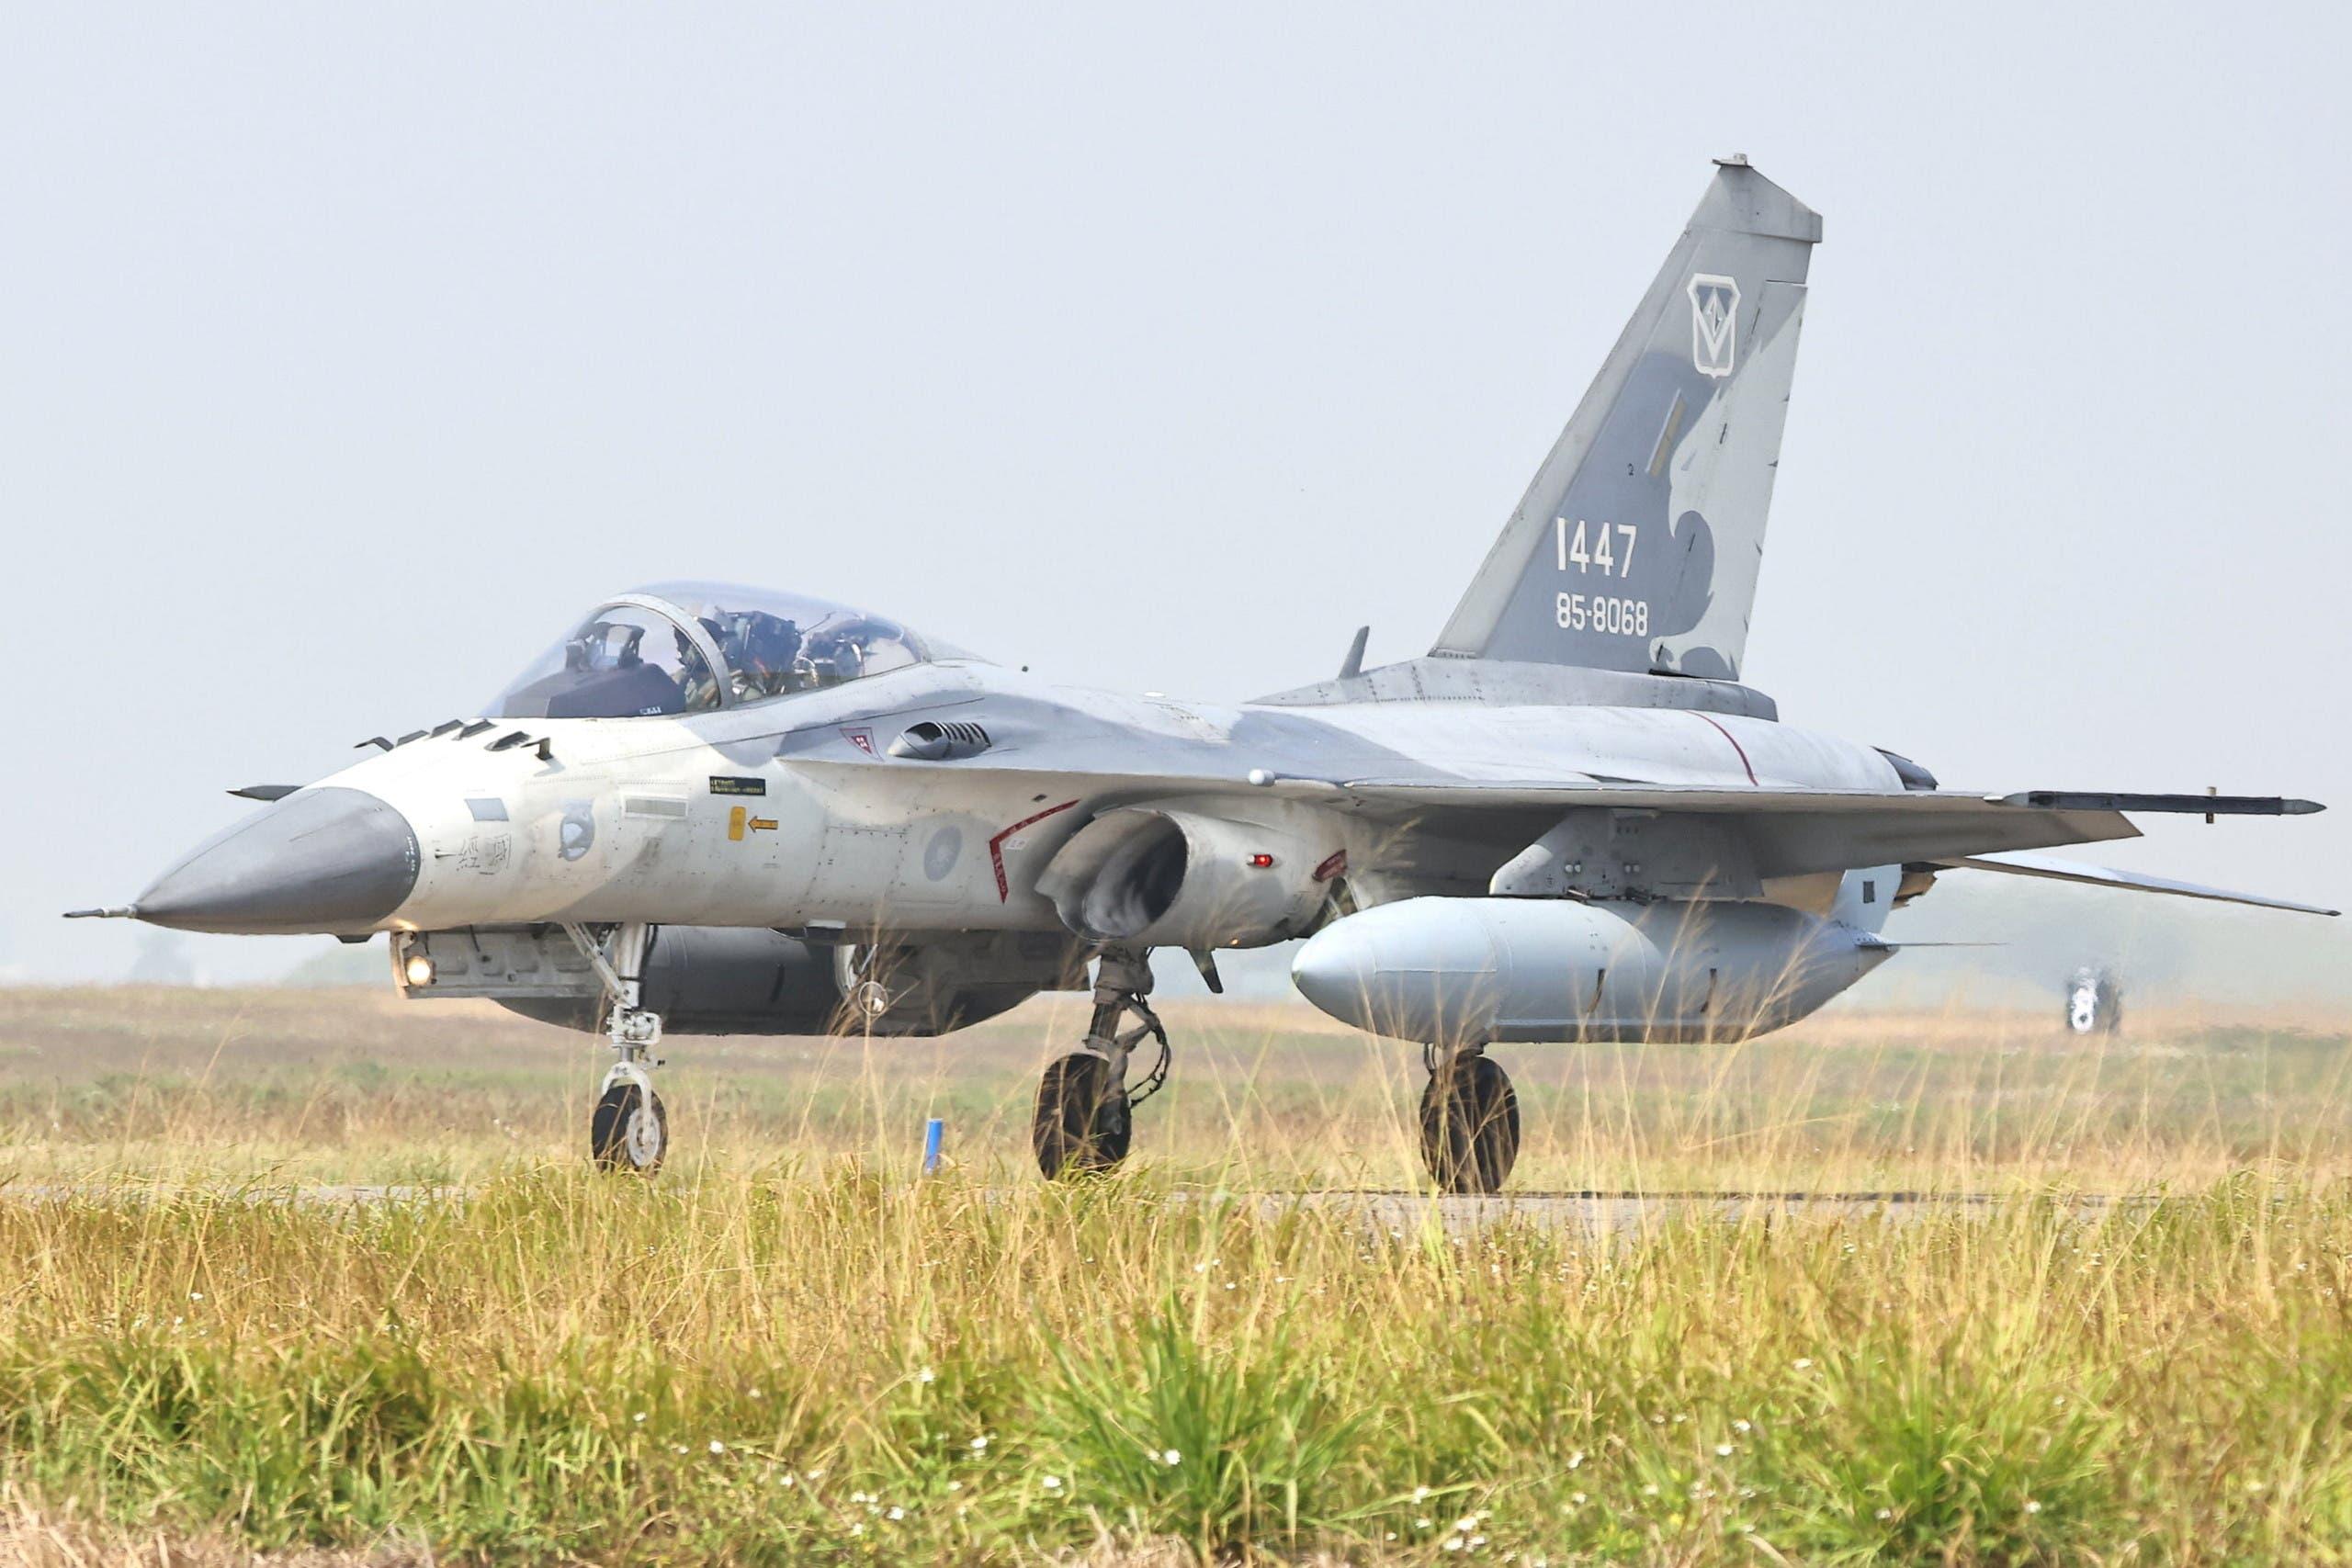 طائرة تابعة القوات الجوية التايوانية في مدينة تاينان يوم 26 يناير